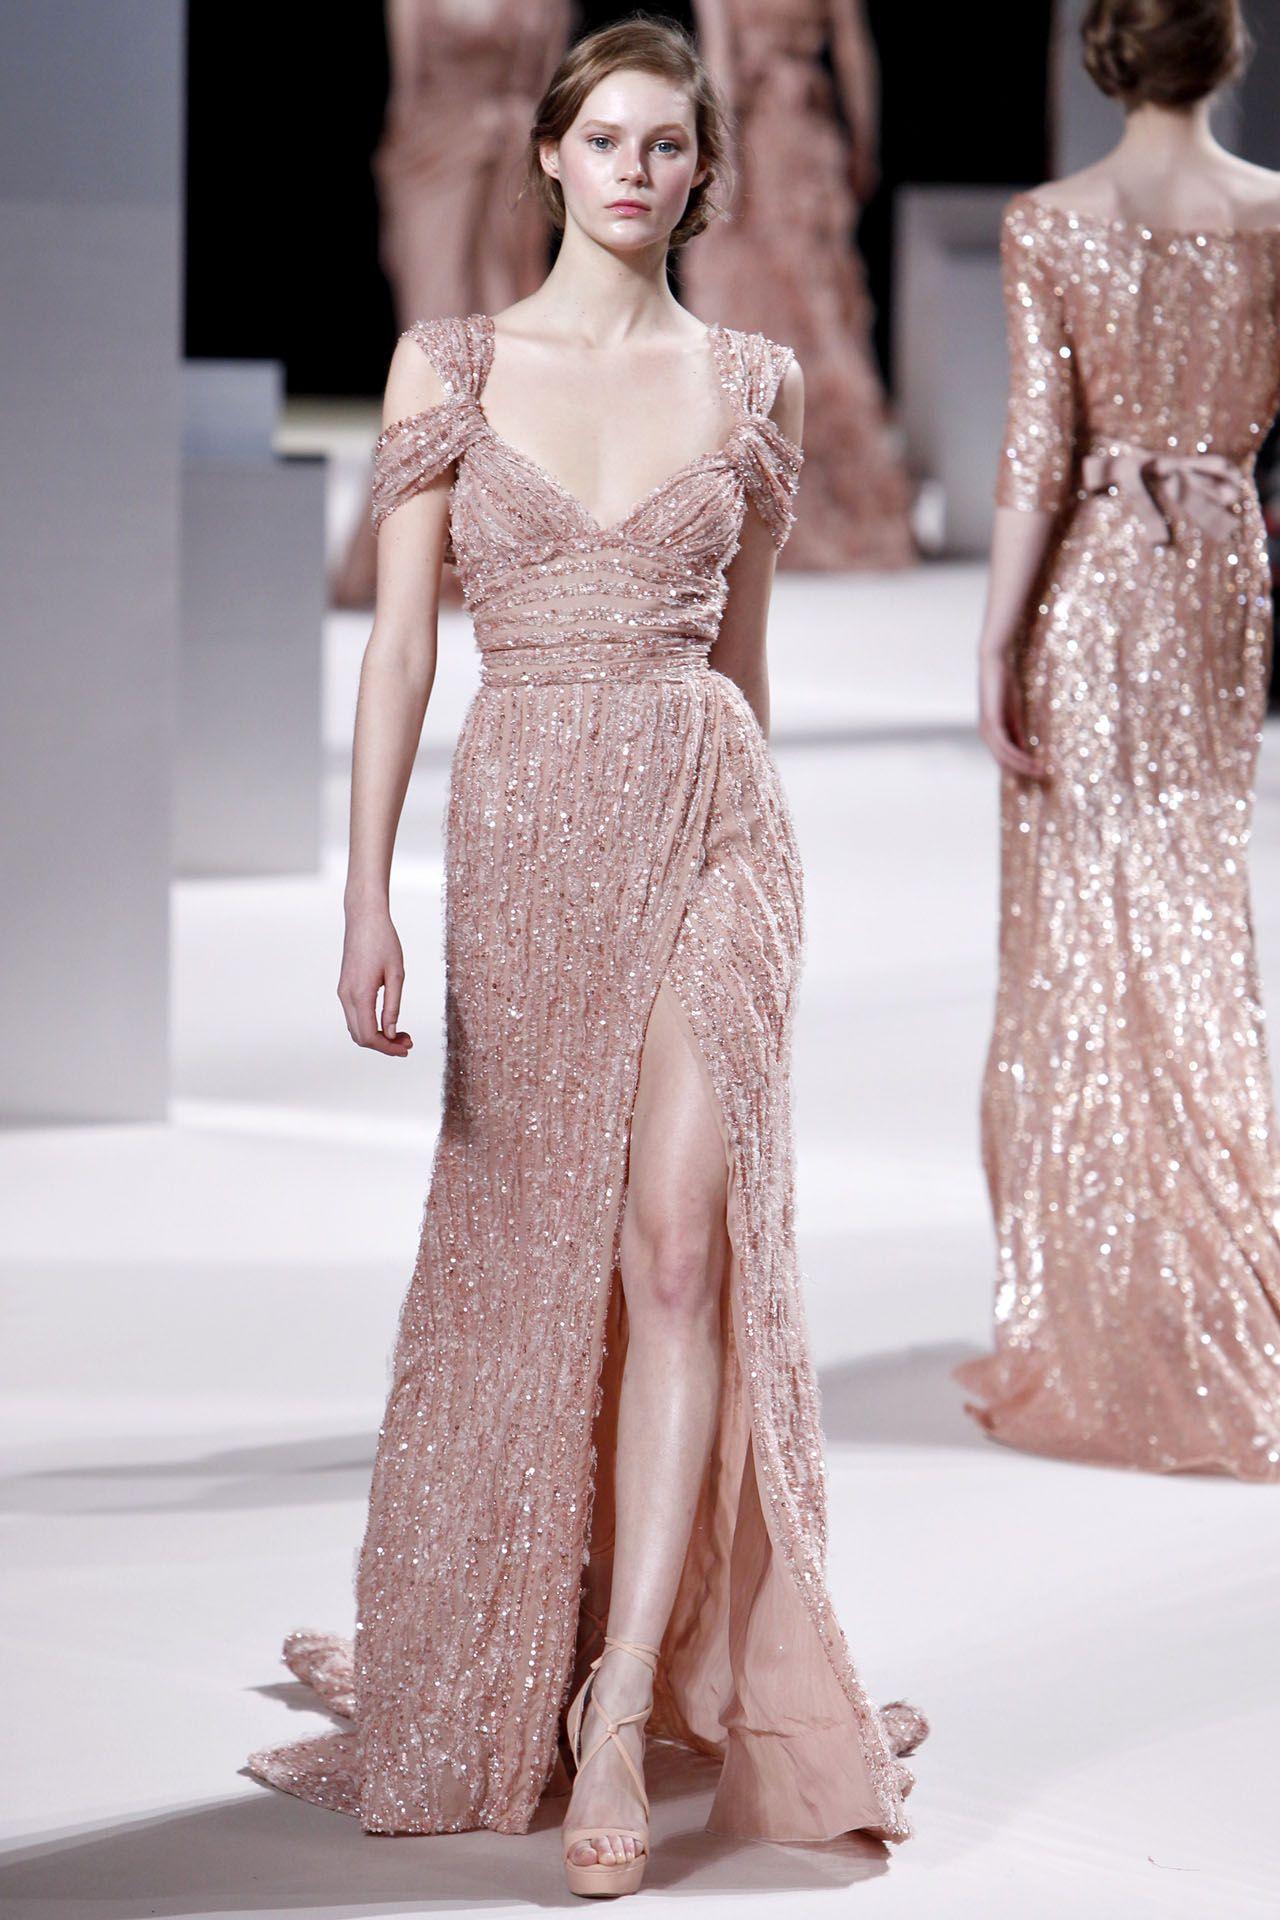 Elie Saab Spring/Summer 2011 Couture | Ropa de fiesta, Vestido de ...